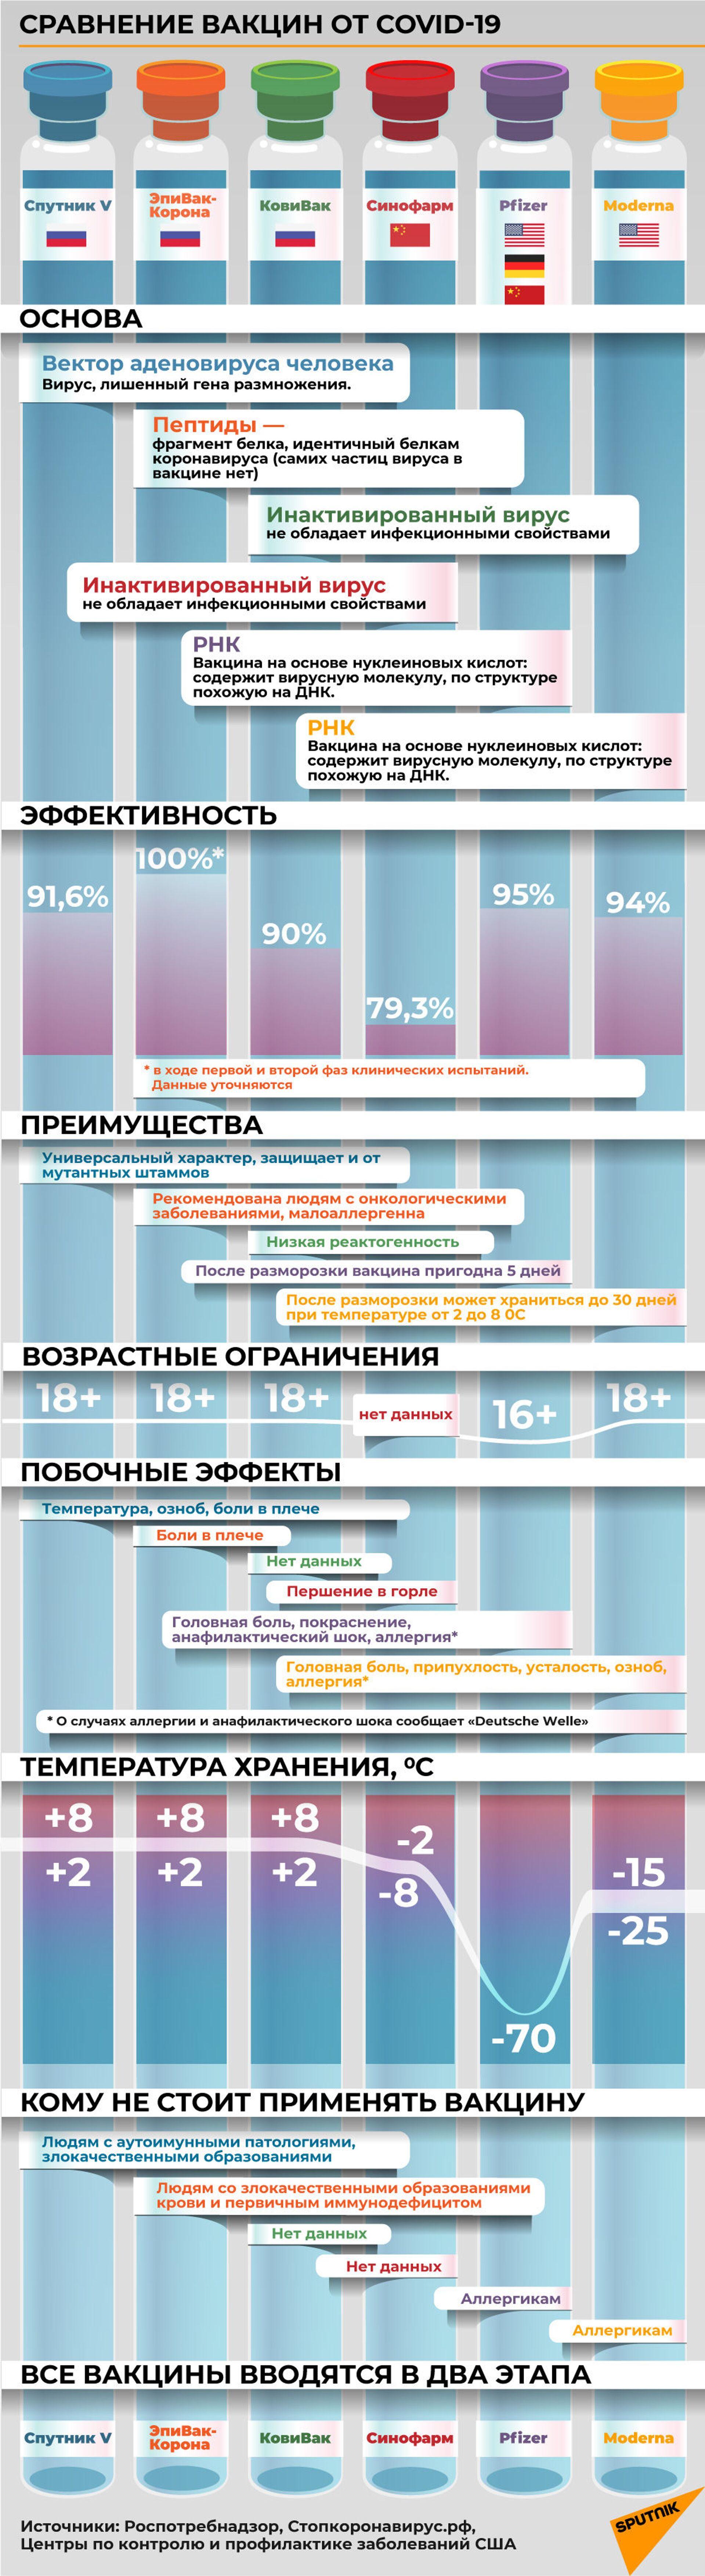 Какой вакциной лучше привиться? 5 главных мифов о вакцинации - Sputnik Беларусь, 1920, 18.02.2021